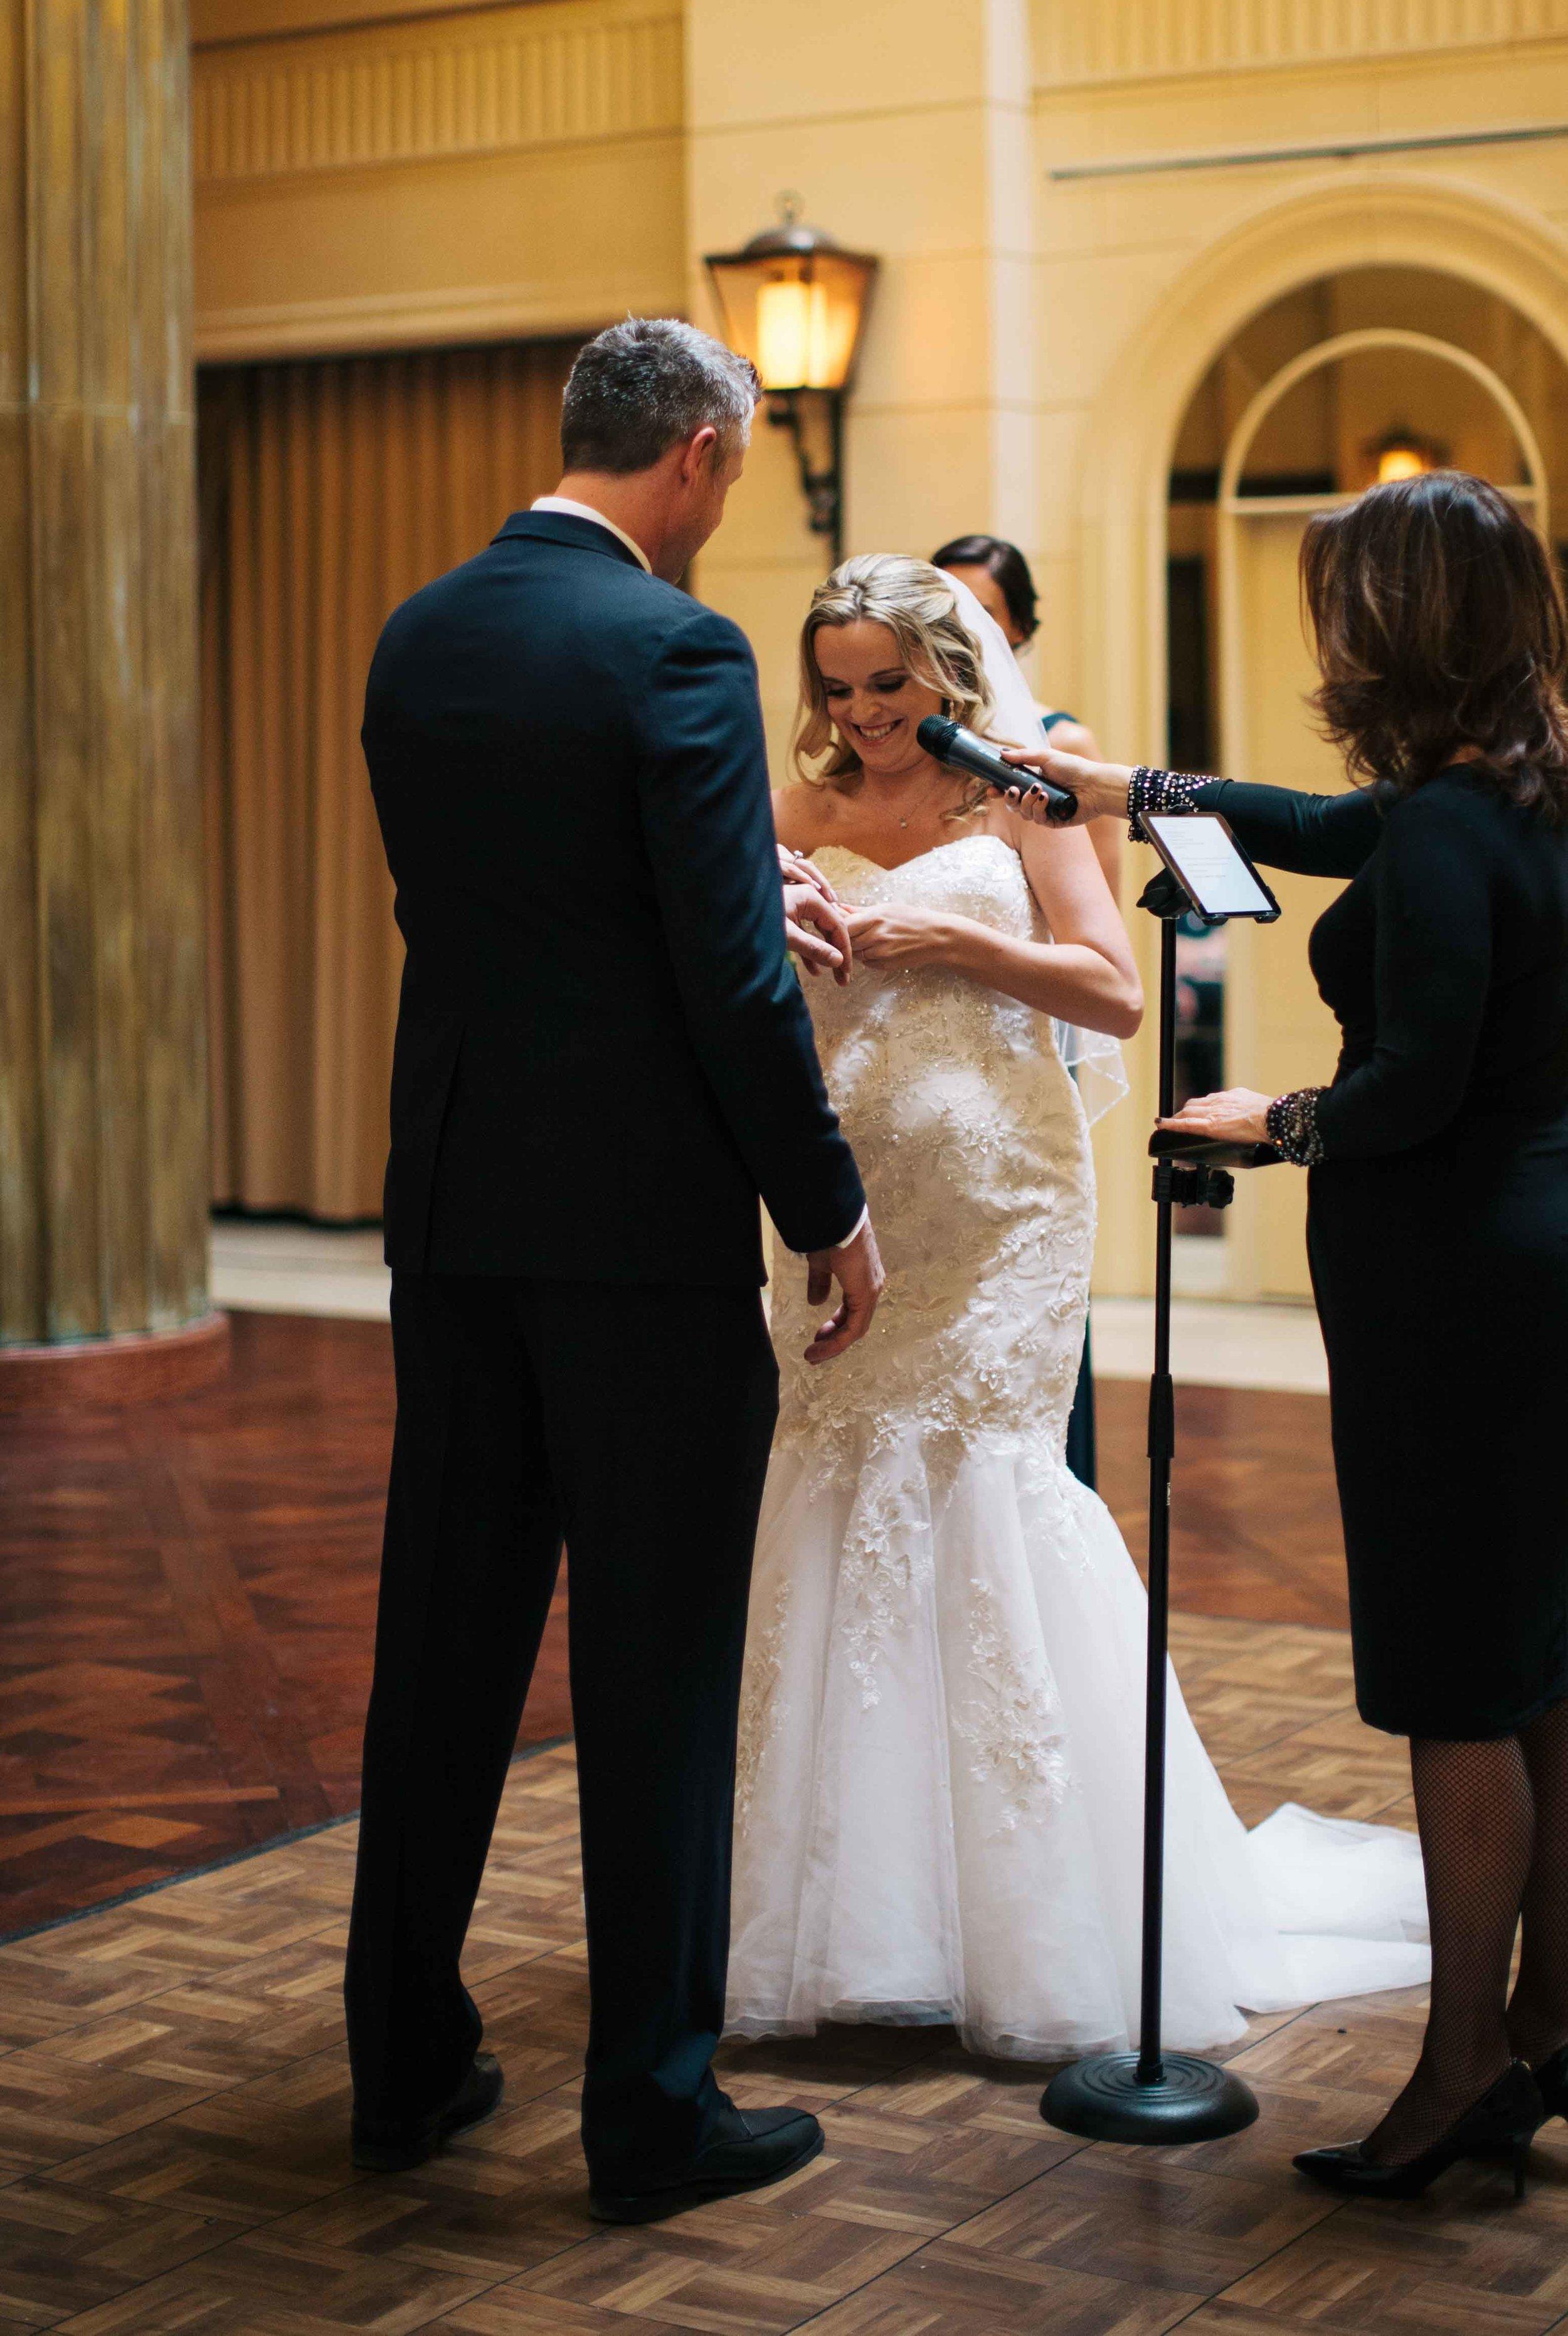 CHRIS_GEORGINA_WEDDING-52.jpg